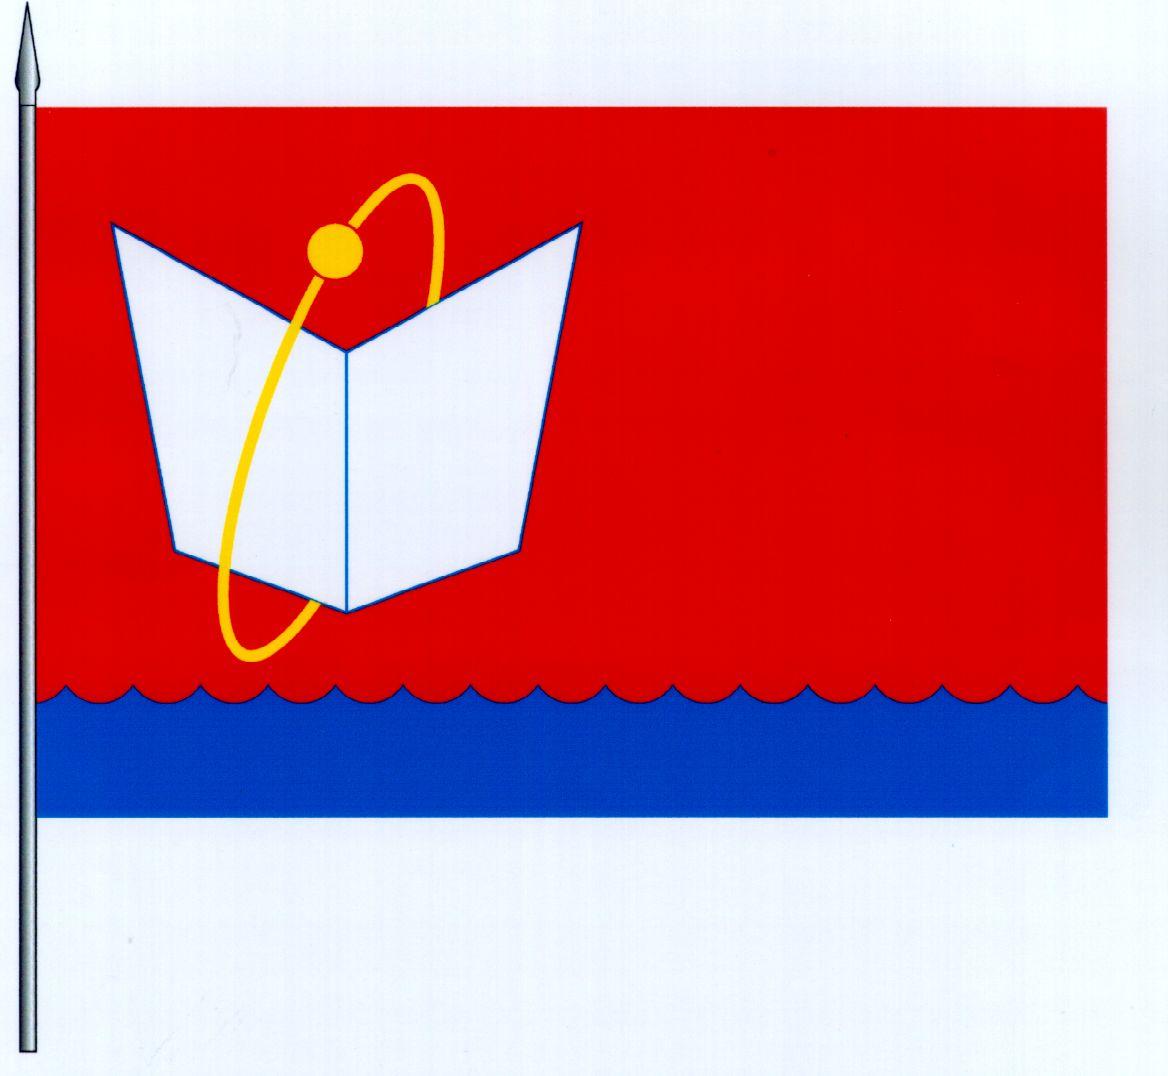 Скачать герб России в векторном формате cdr